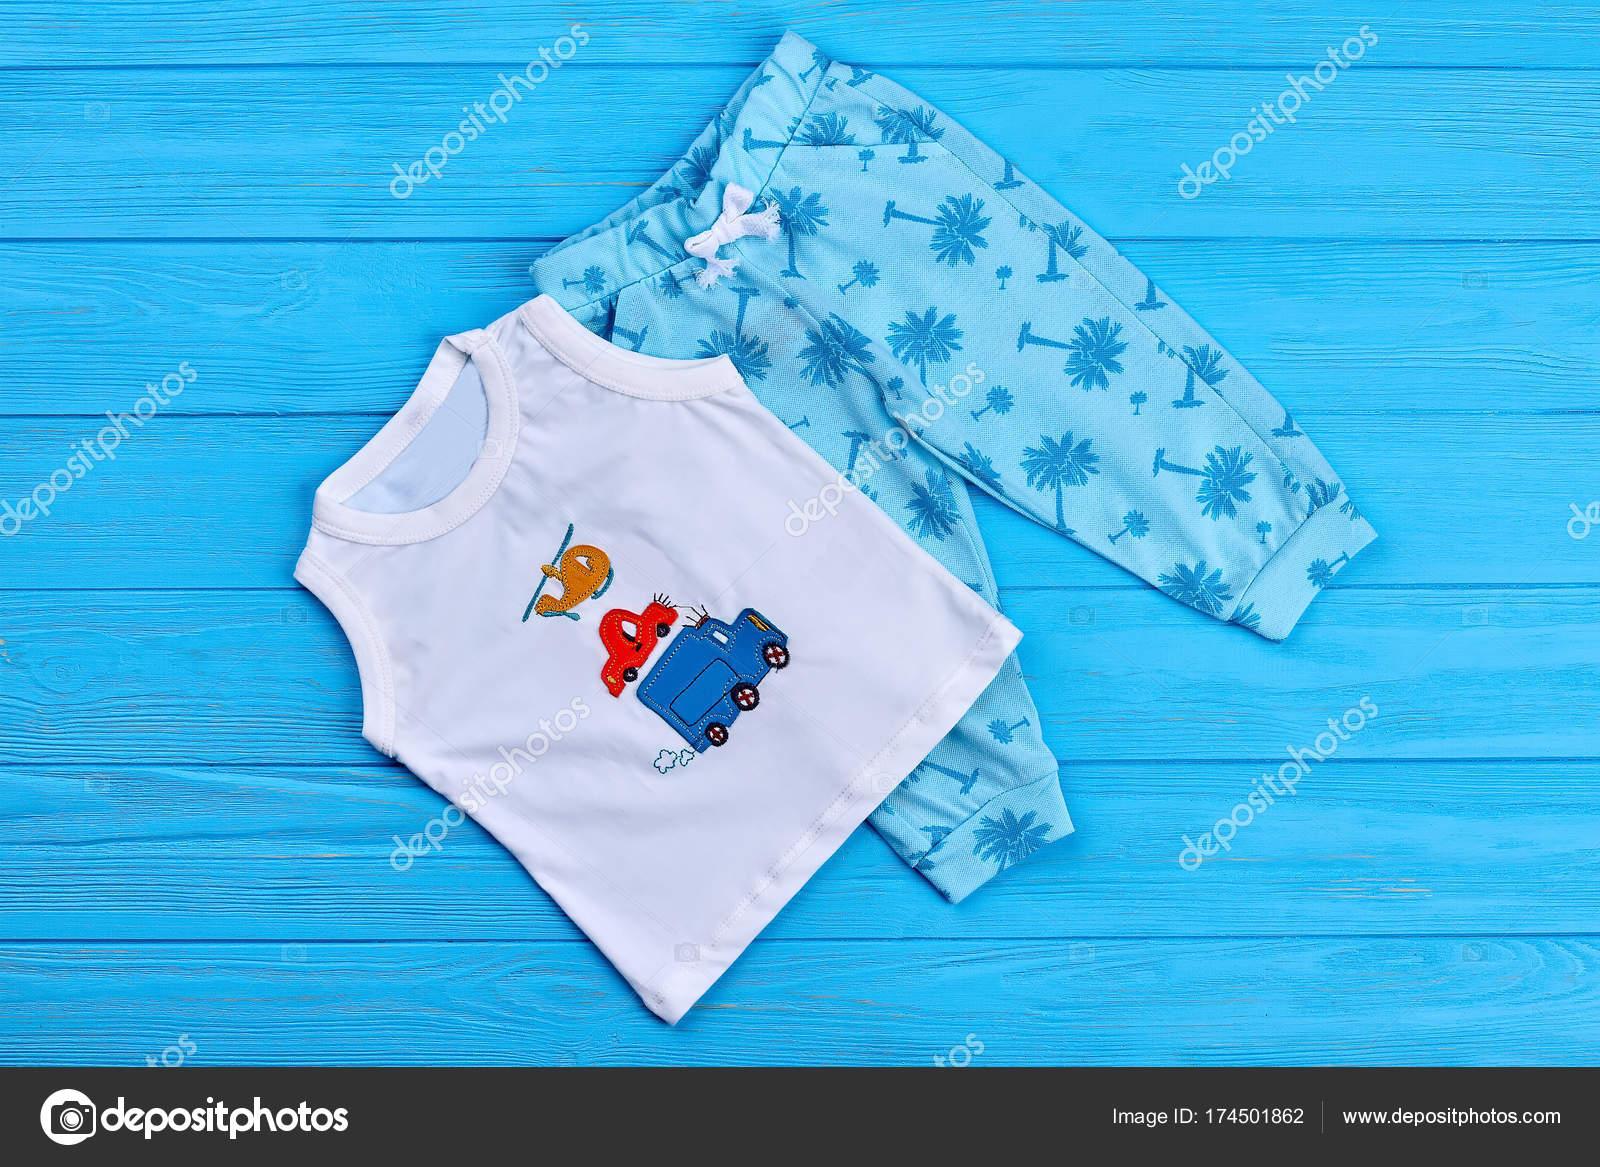 Babykleding Zomer.Babykleding Zomer Fashion Stijl Stockfoto C Denisfilm 174501862